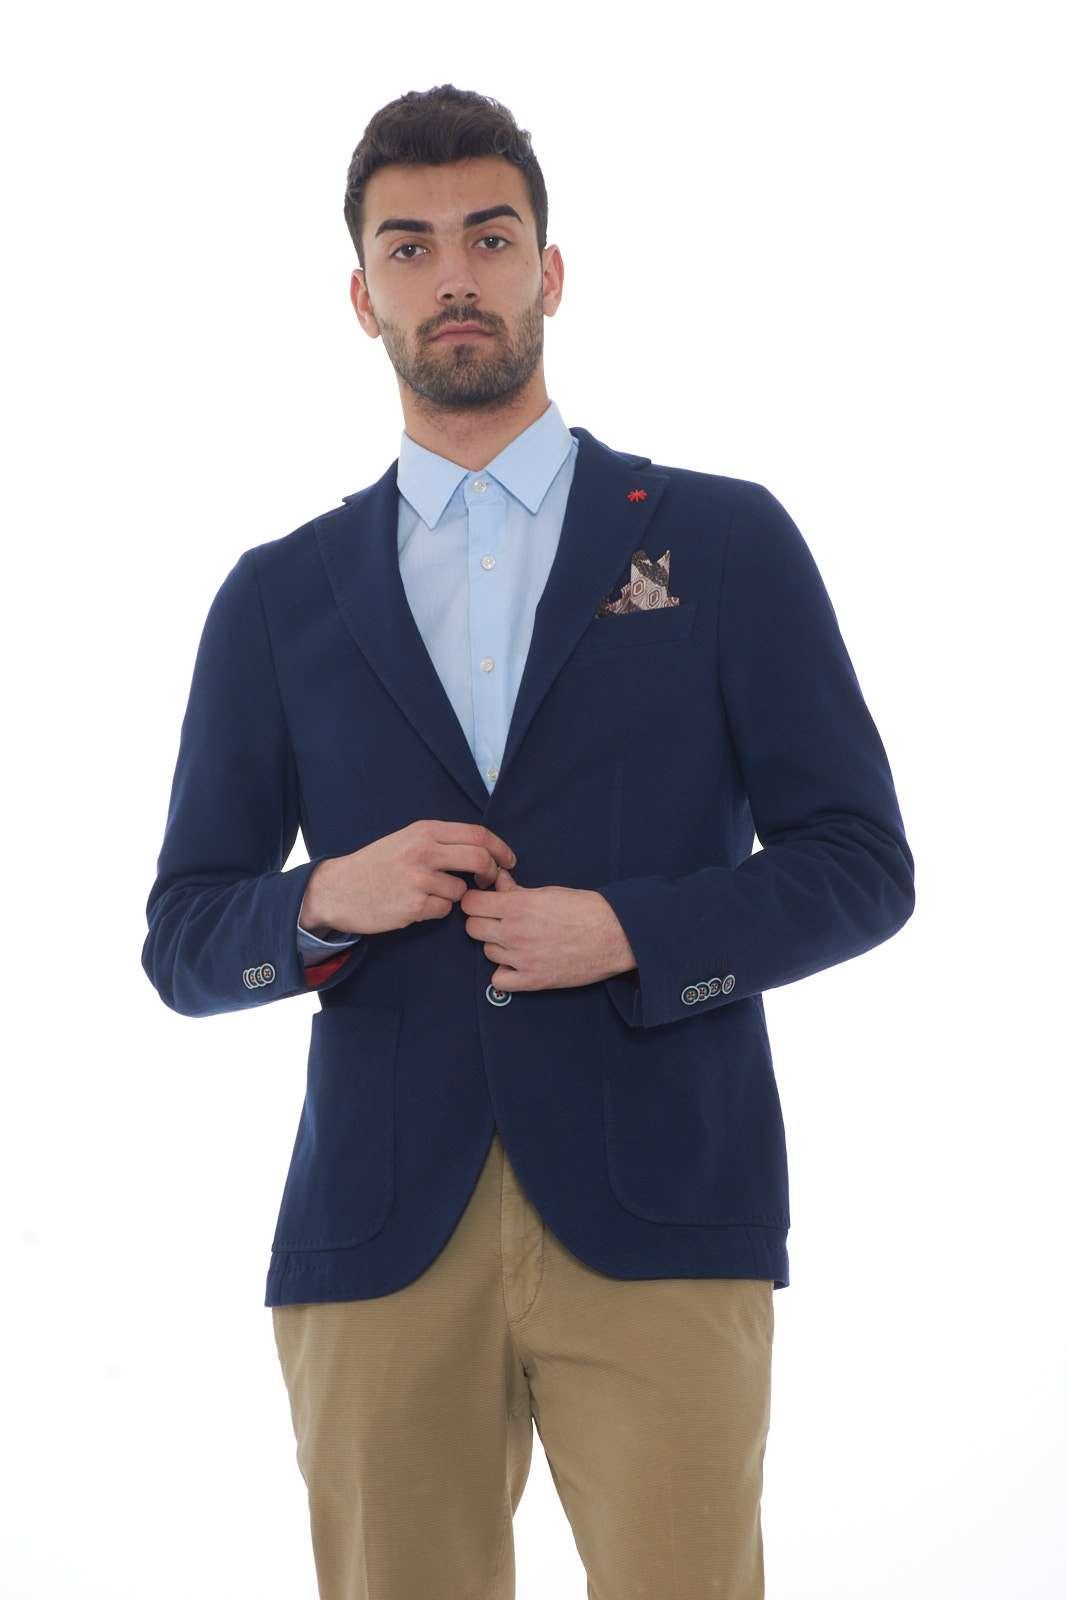 Una giacca dal look casual chic la proposta della collezione uomo Manuel Ritz. Da indossare con un jeans o con un pantalone si impone per il suo stile formale e quotidiano. Il collo rever e il doppio spacco posteriore fanno da padroni per un risultato glamour. Il modello è alto 1.80m e indossa la taglia 48.